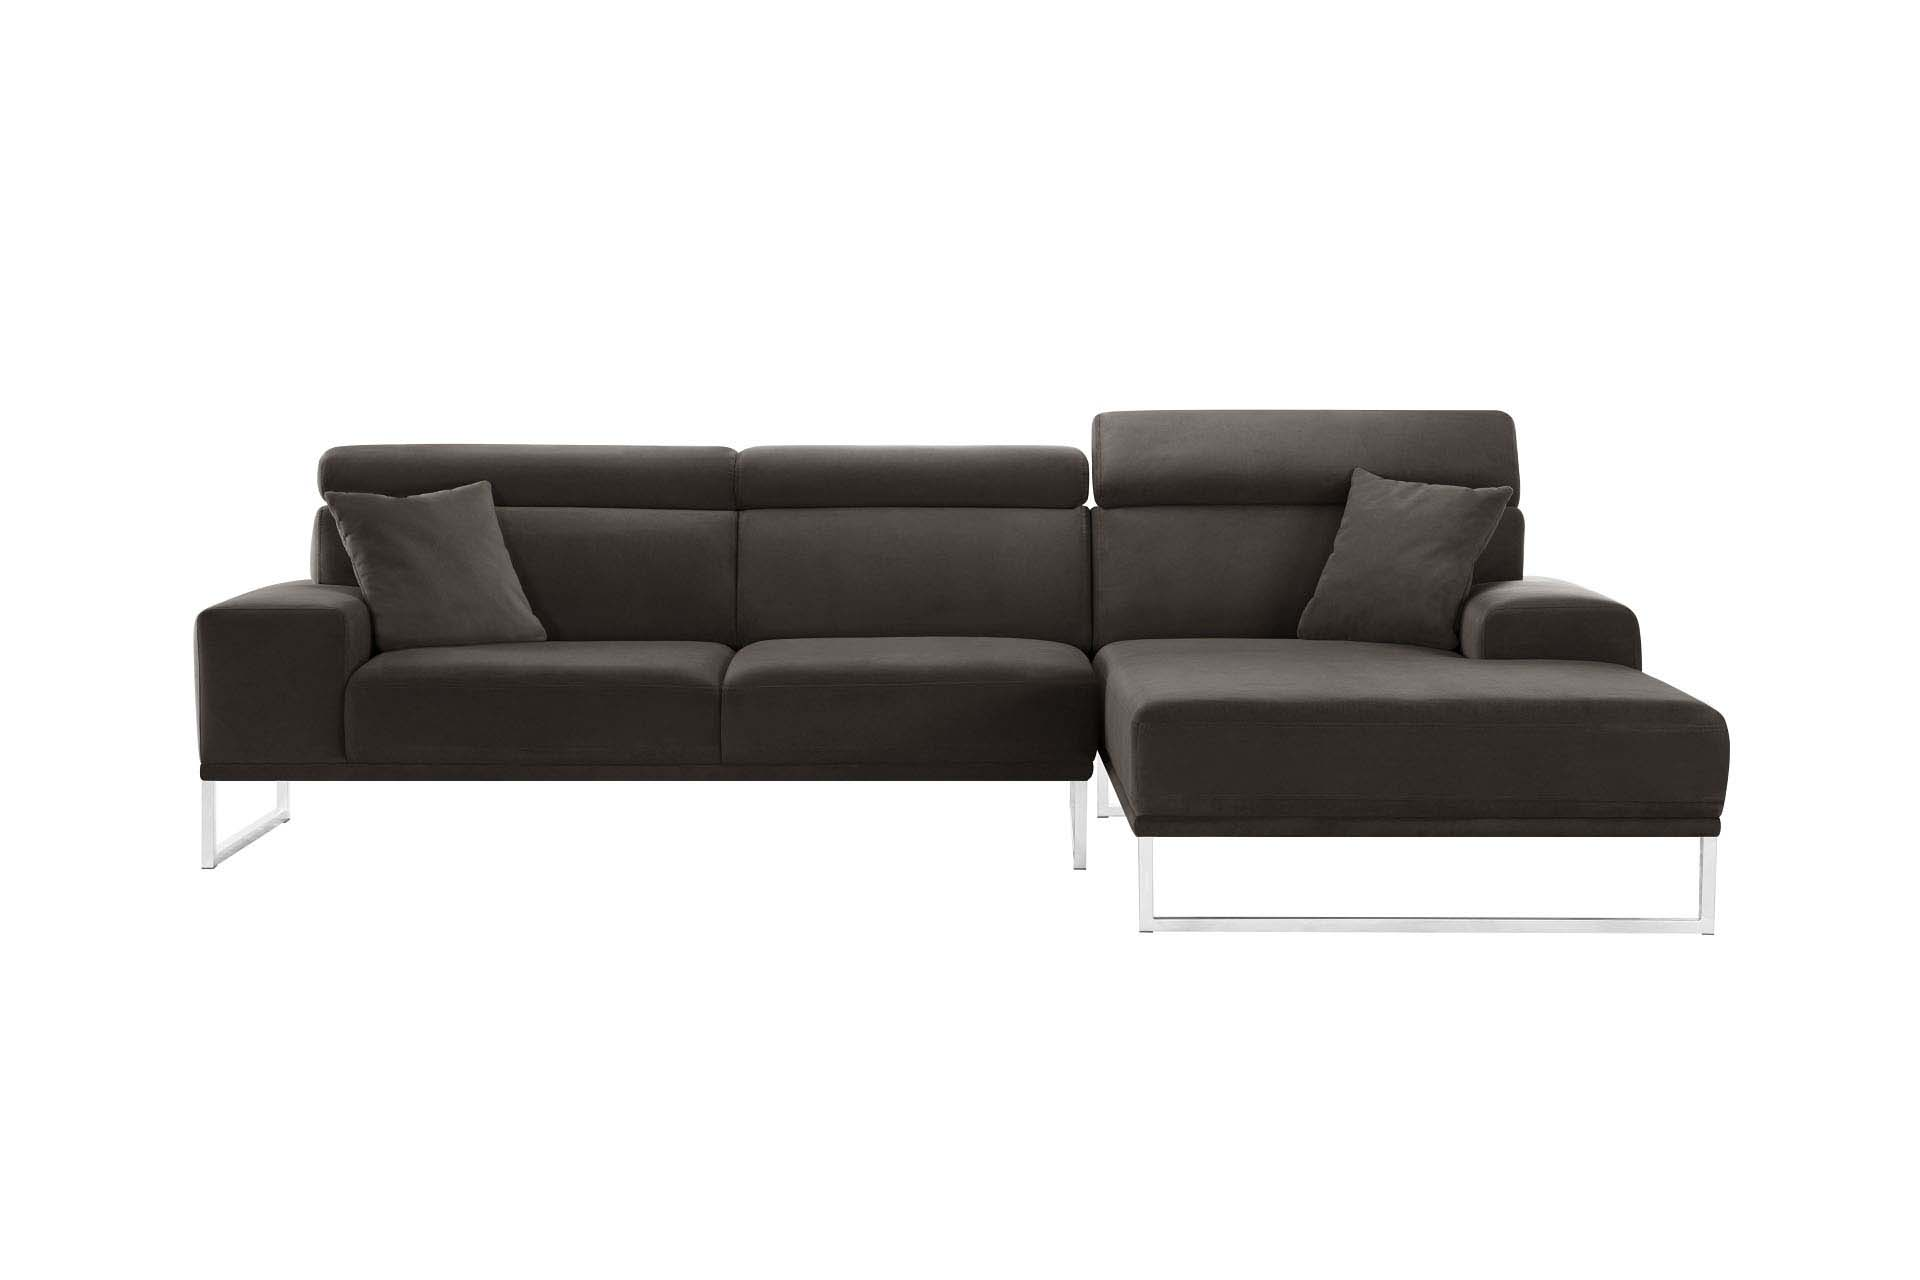 Canapé d'angle droit 5 places en velours marron cendré